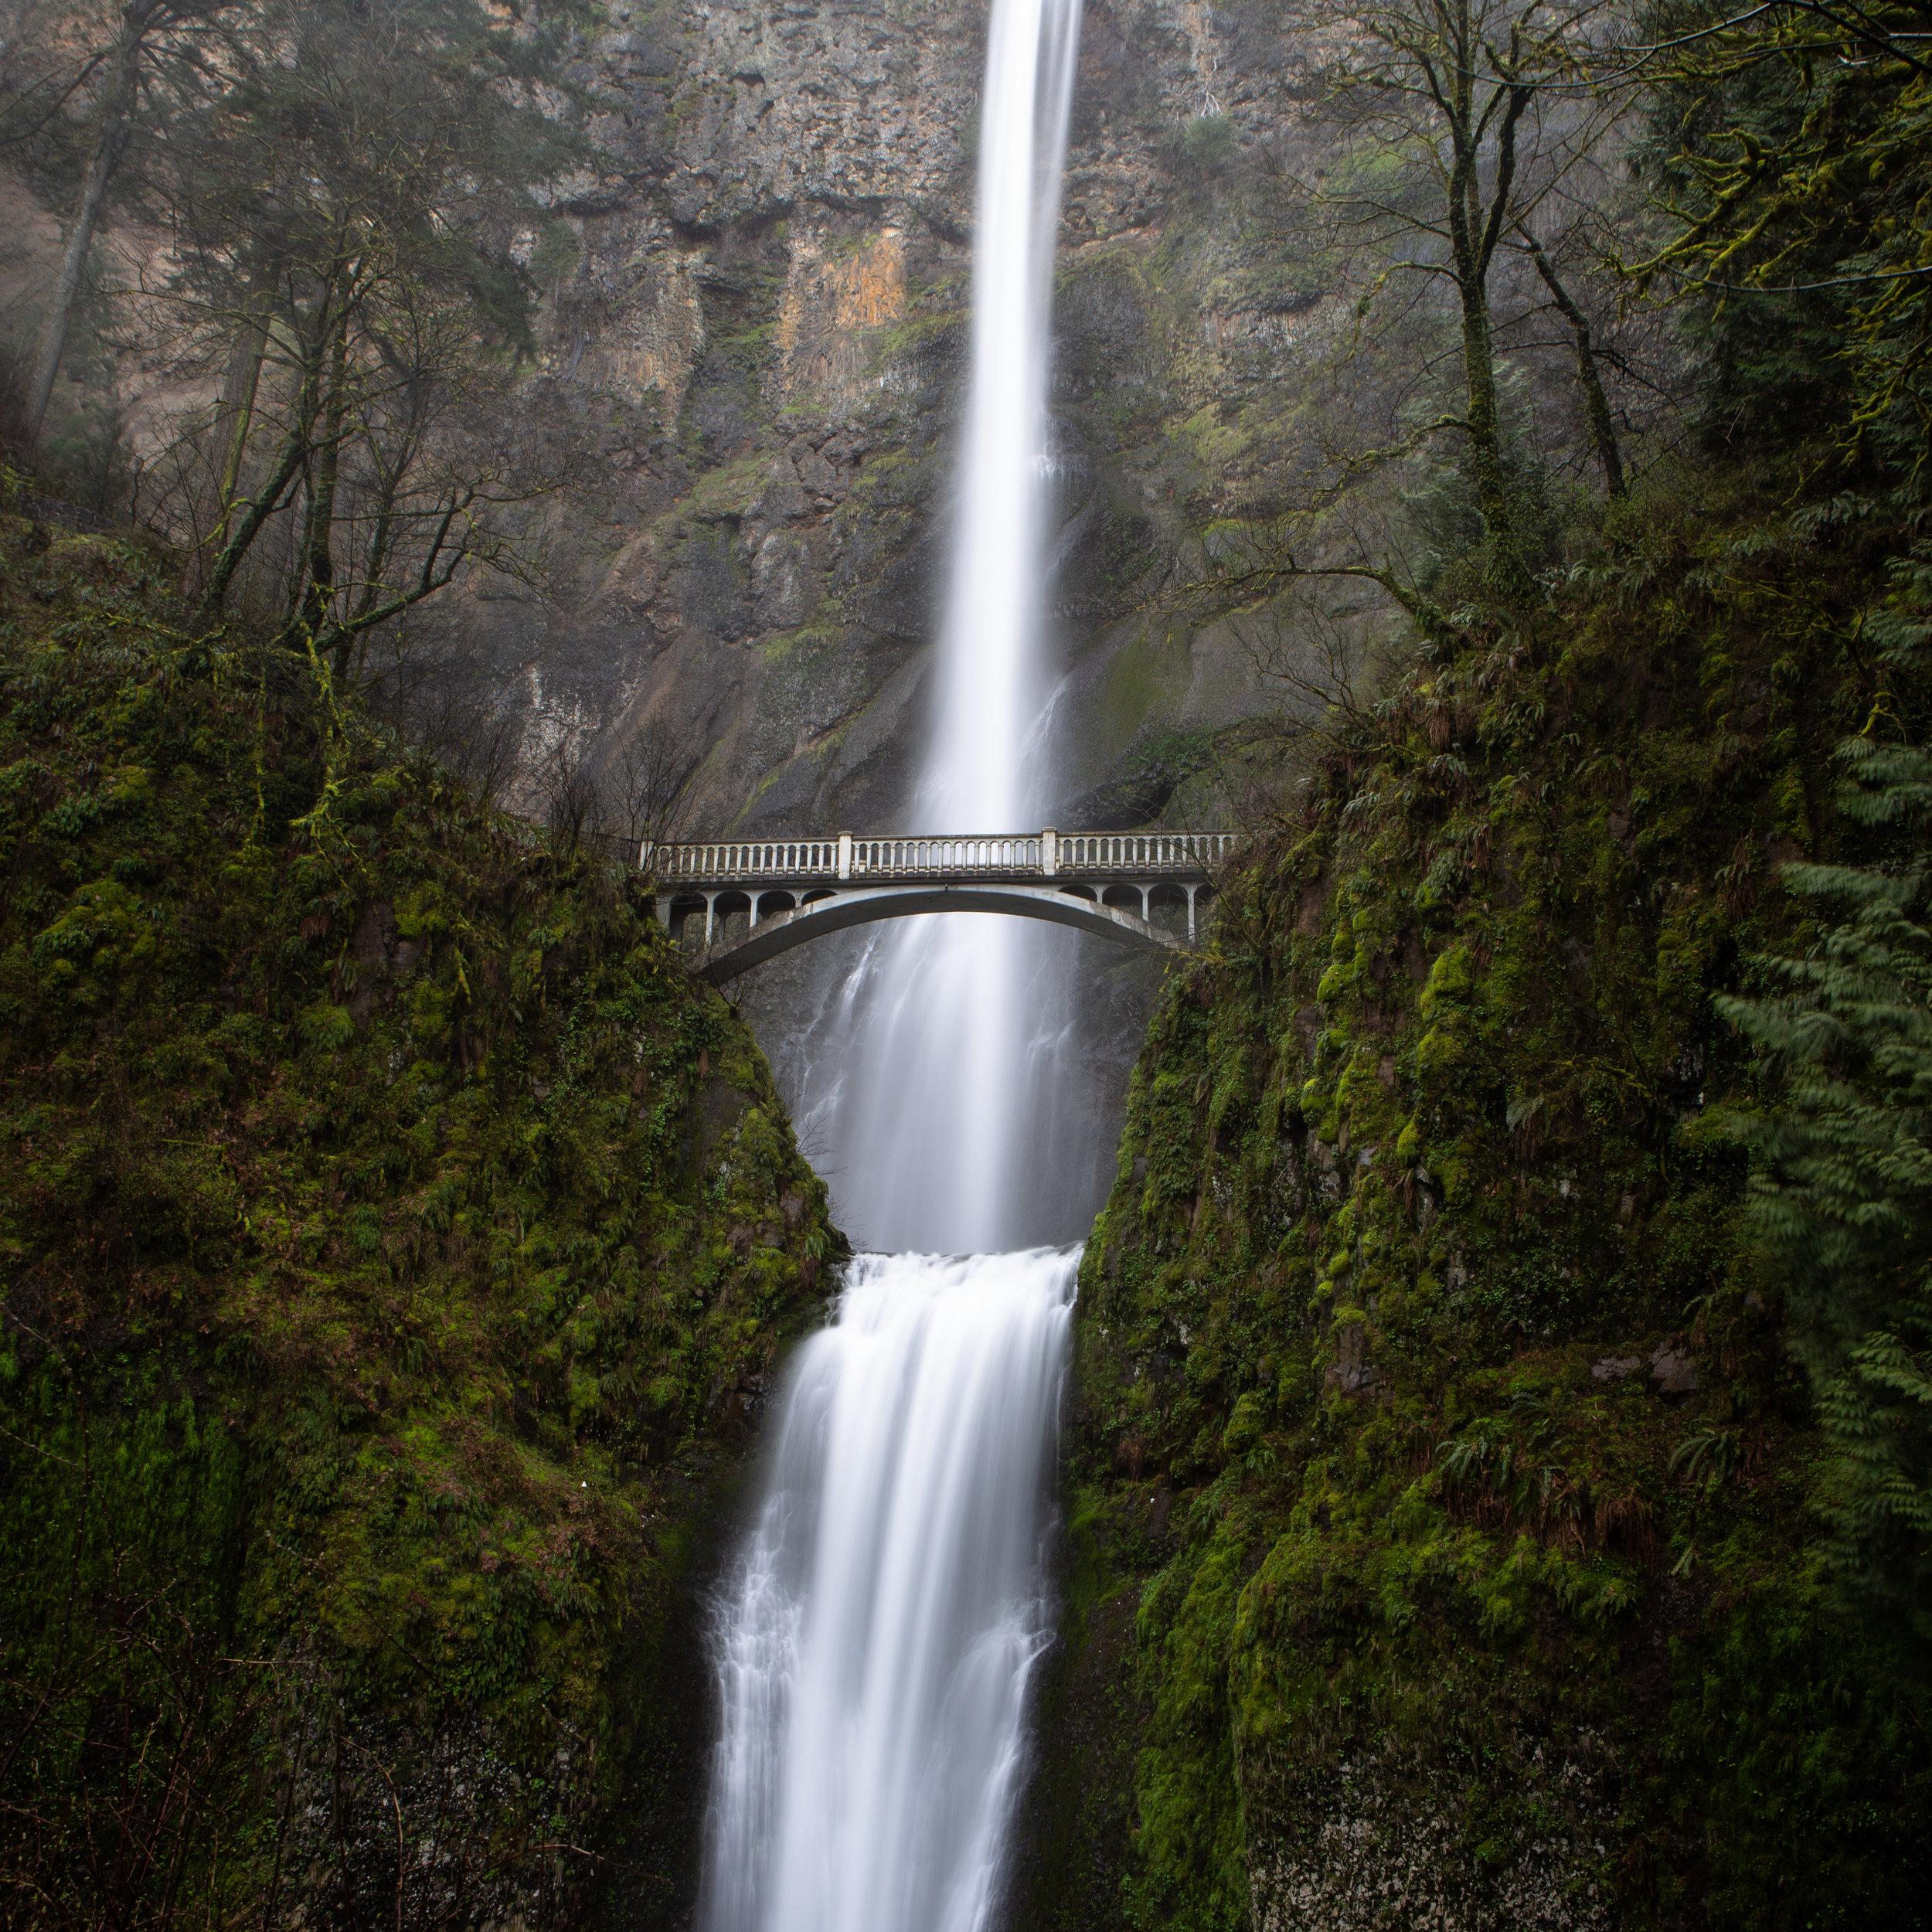 Portland multnomah falls waterfall mist bridge